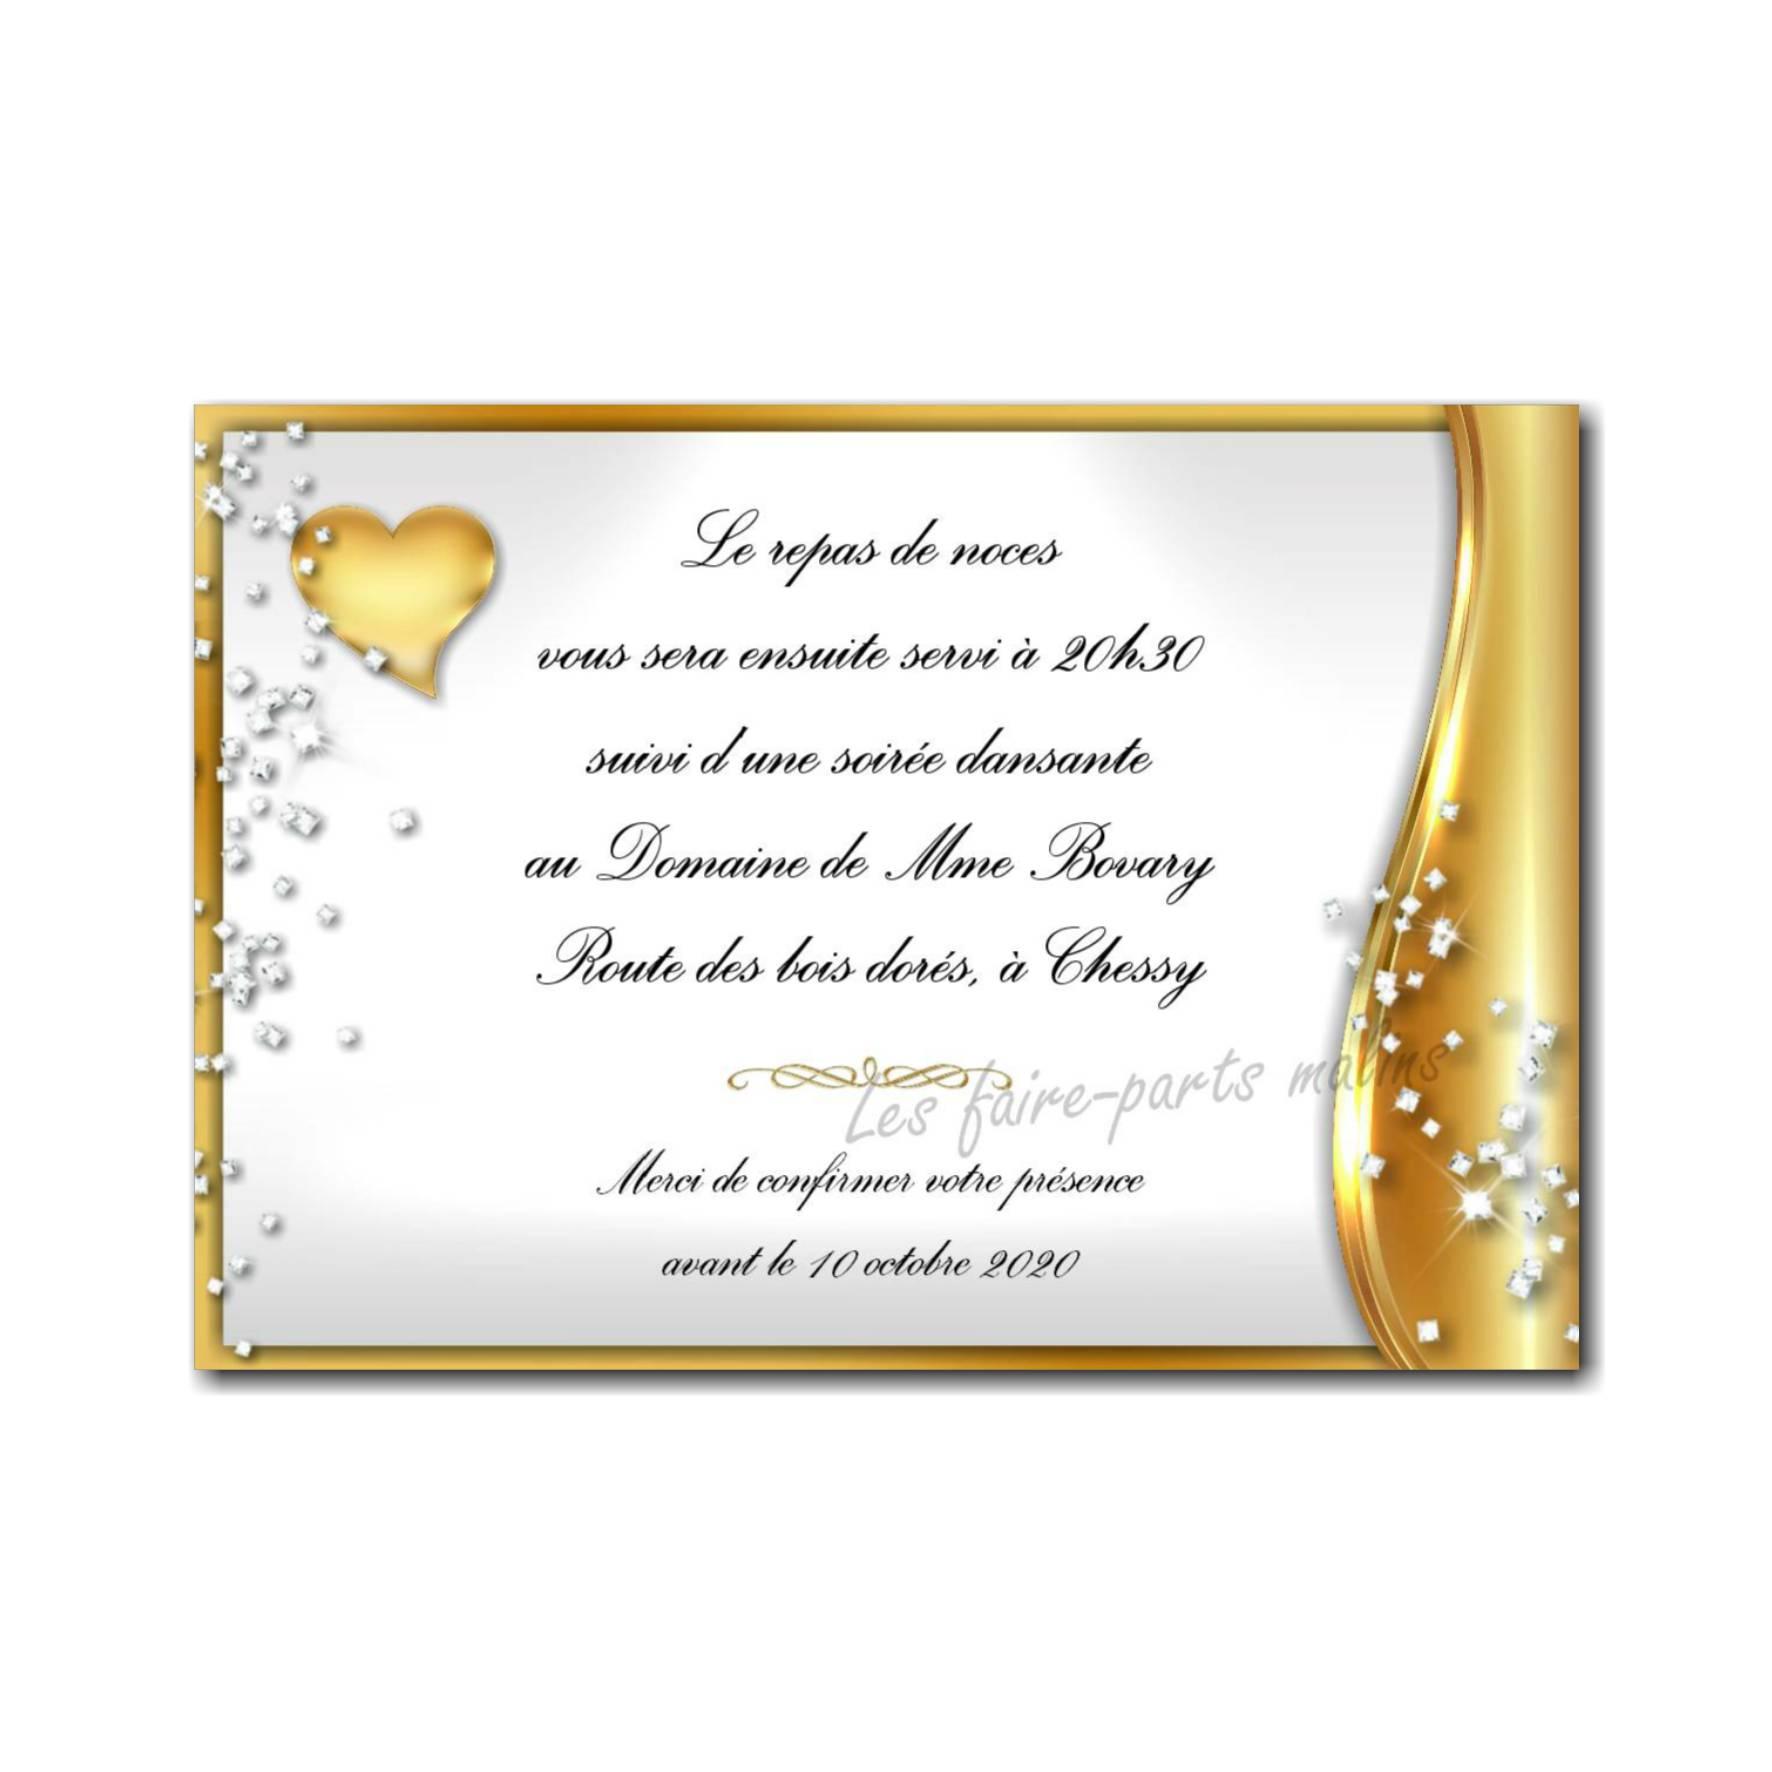 petite carte repas noces d'or avec coeur